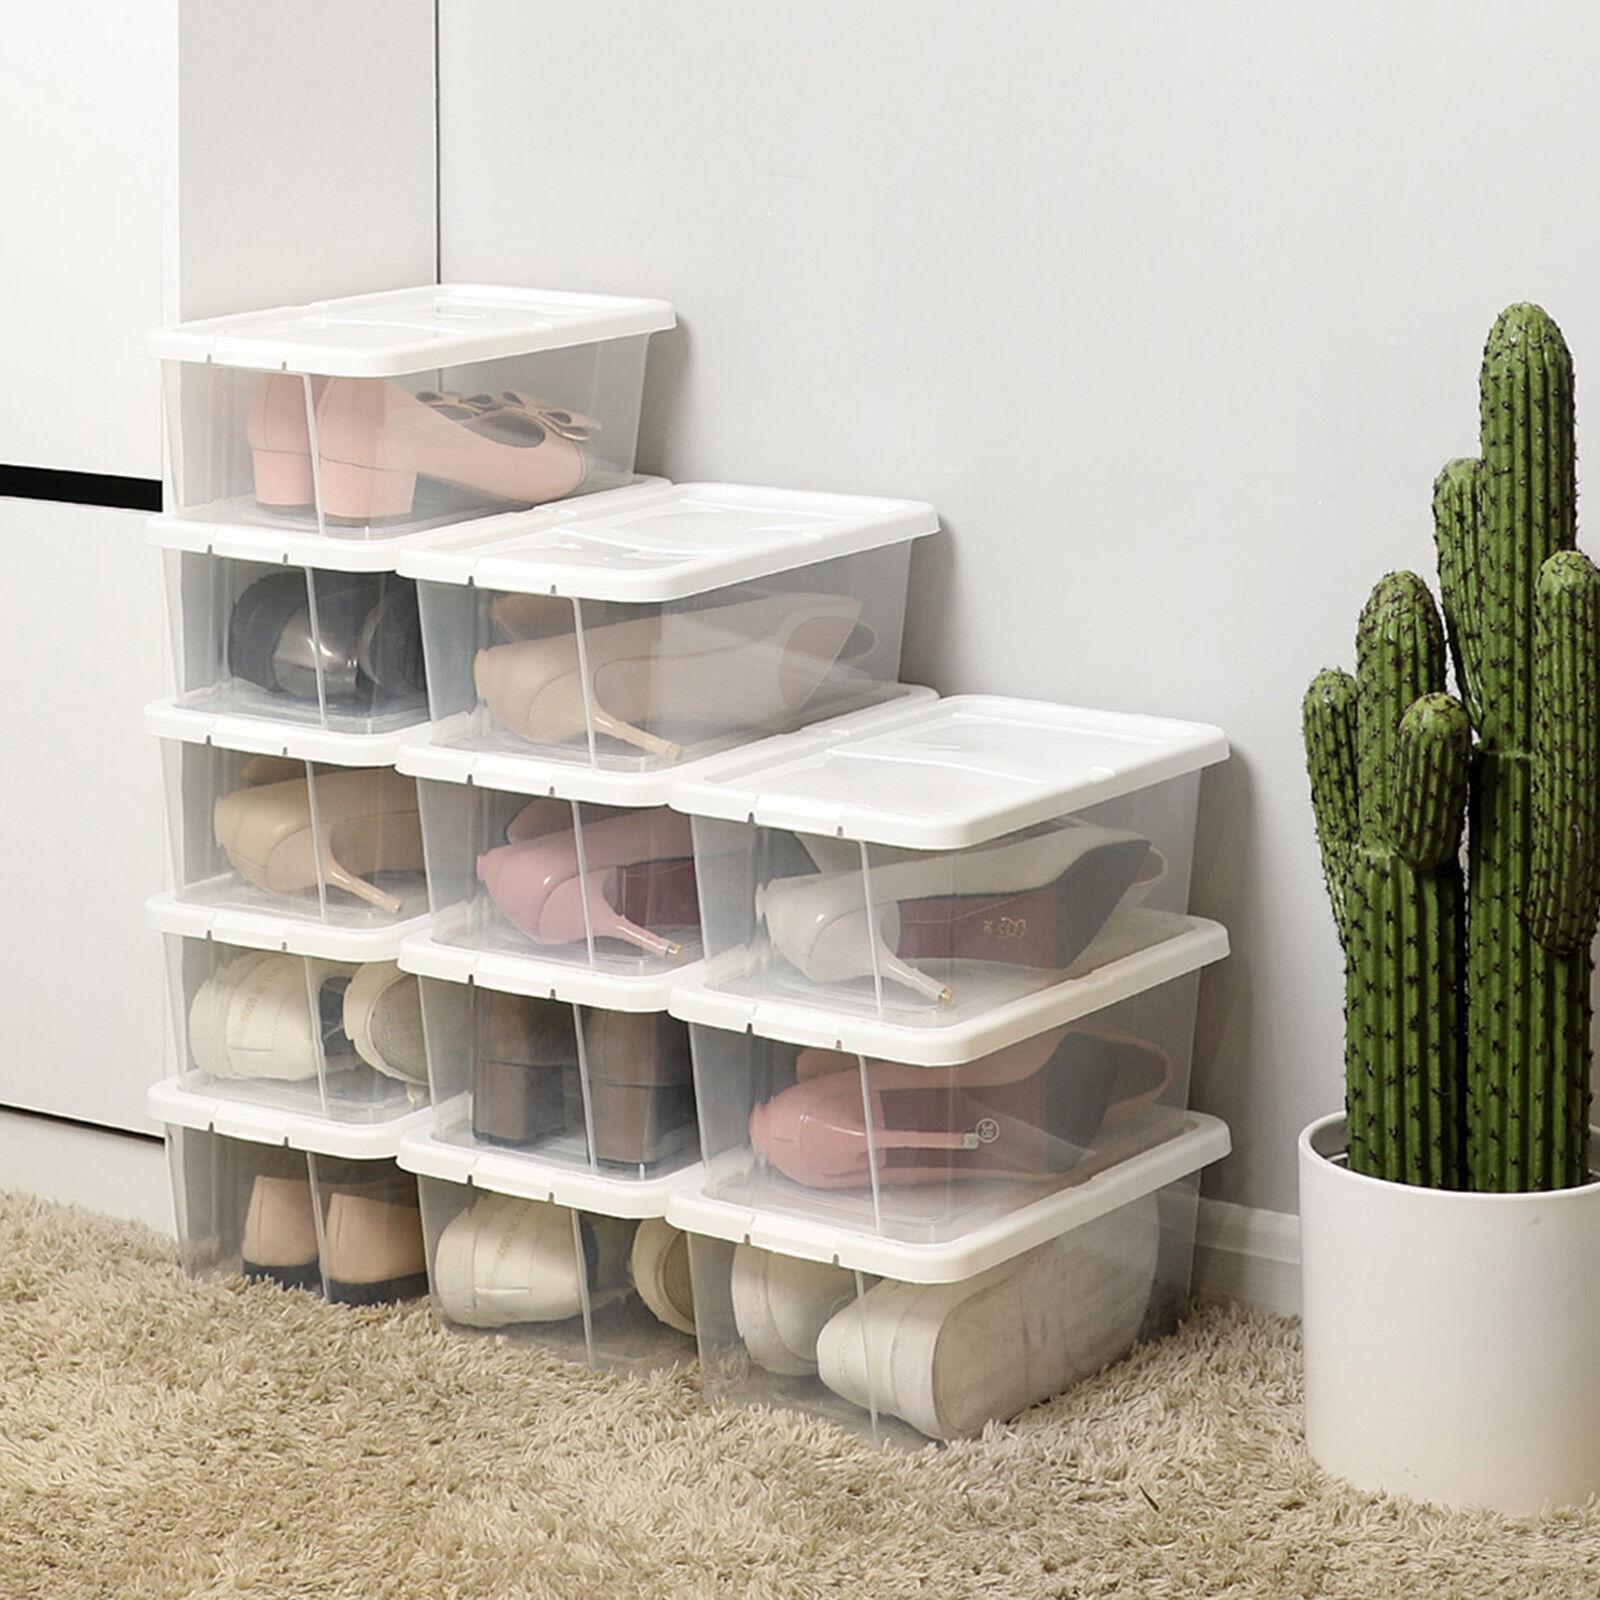 aufbewahrungsboxen mit deckel kunststoff test vergleich aufbewahrungsboxen mit deckel. Black Bedroom Furniture Sets. Home Design Ideas